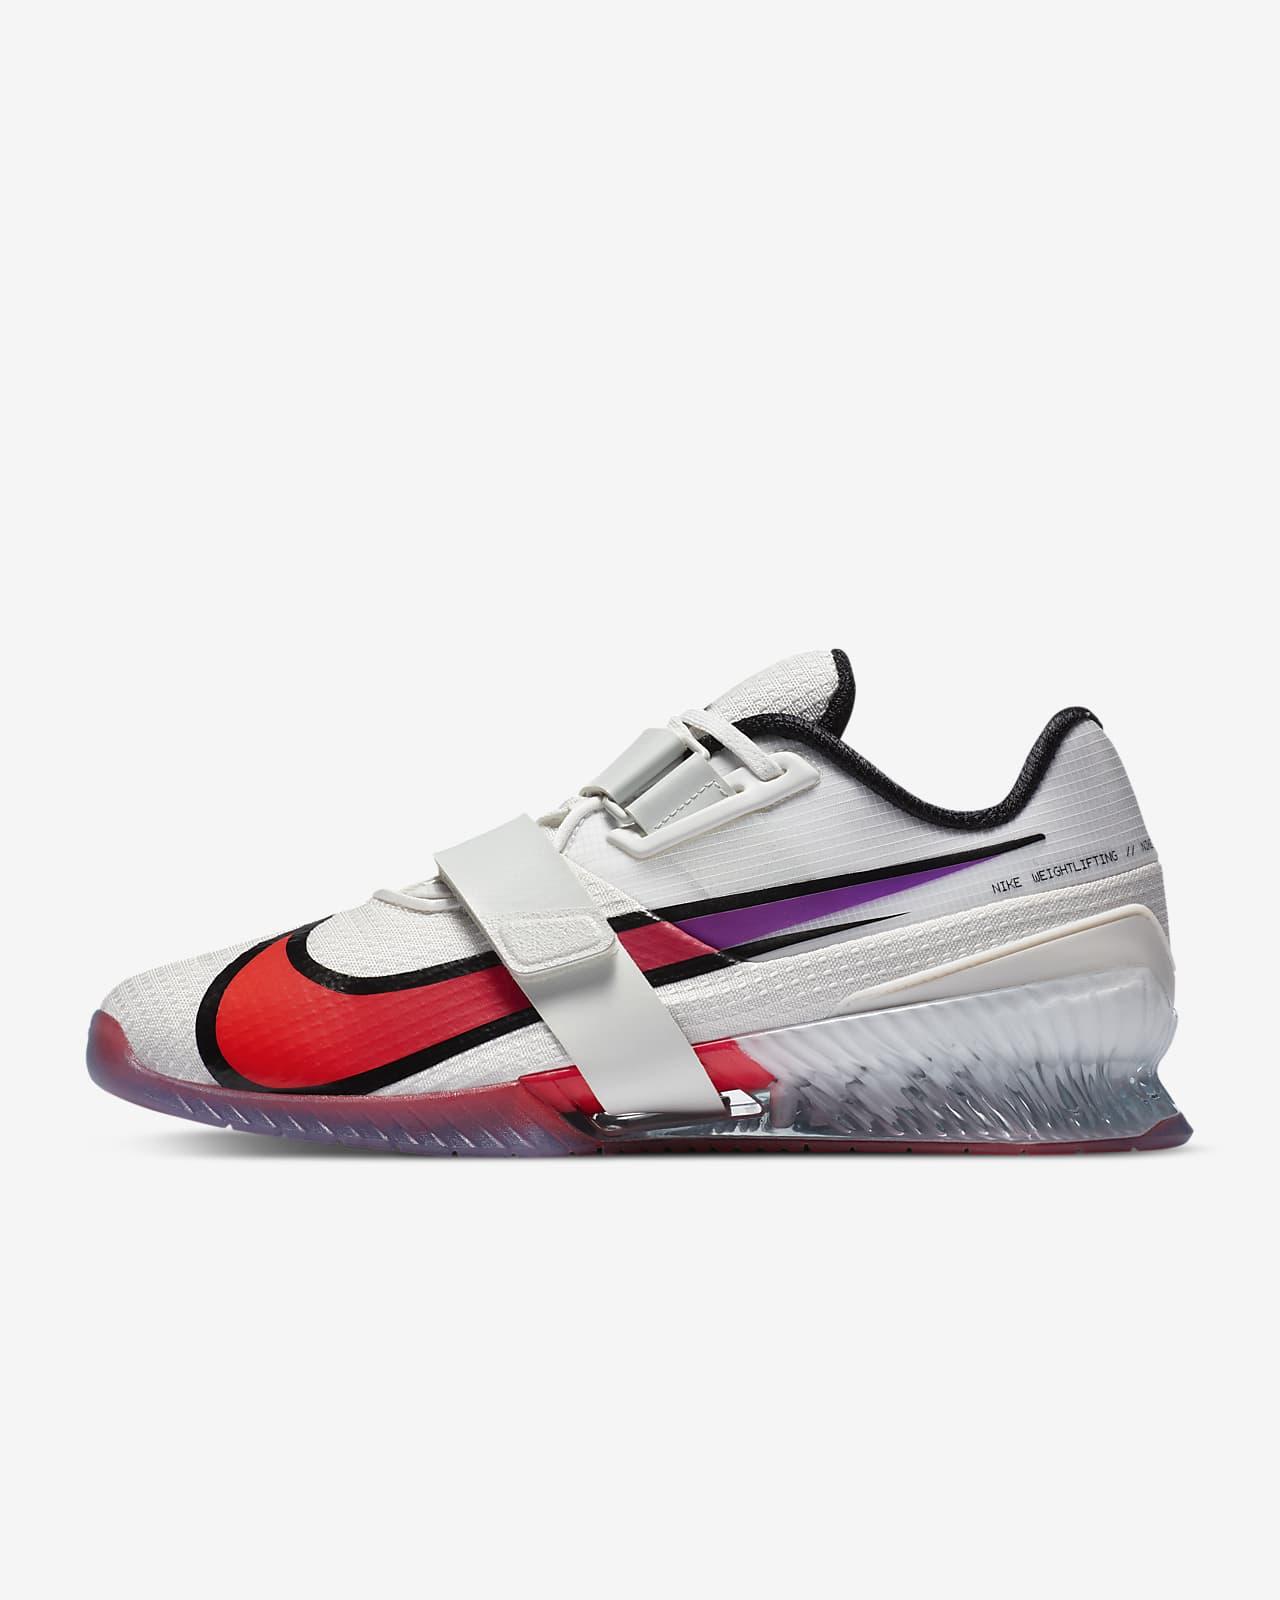 Παπούτσι προπόνησης Nike Romaleos 4 SE